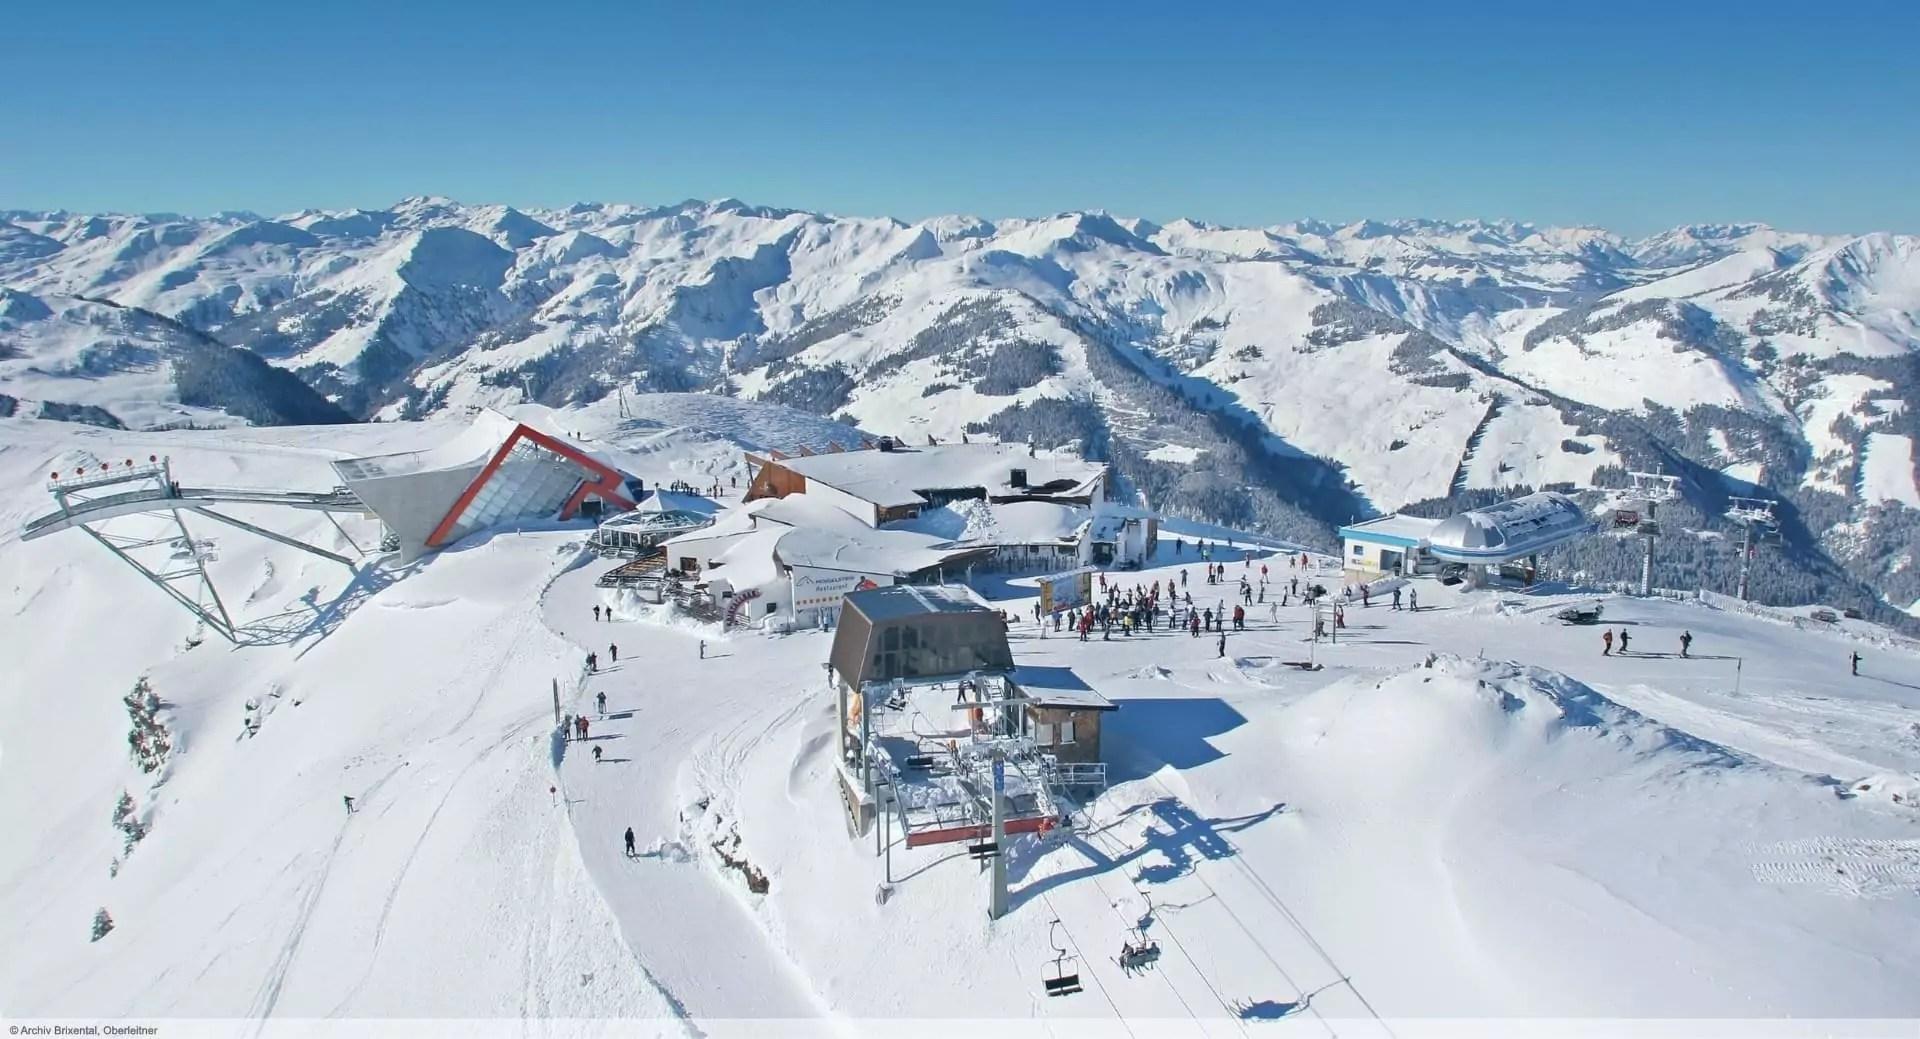 wintersport en aanbiedingen in Pass Thurn